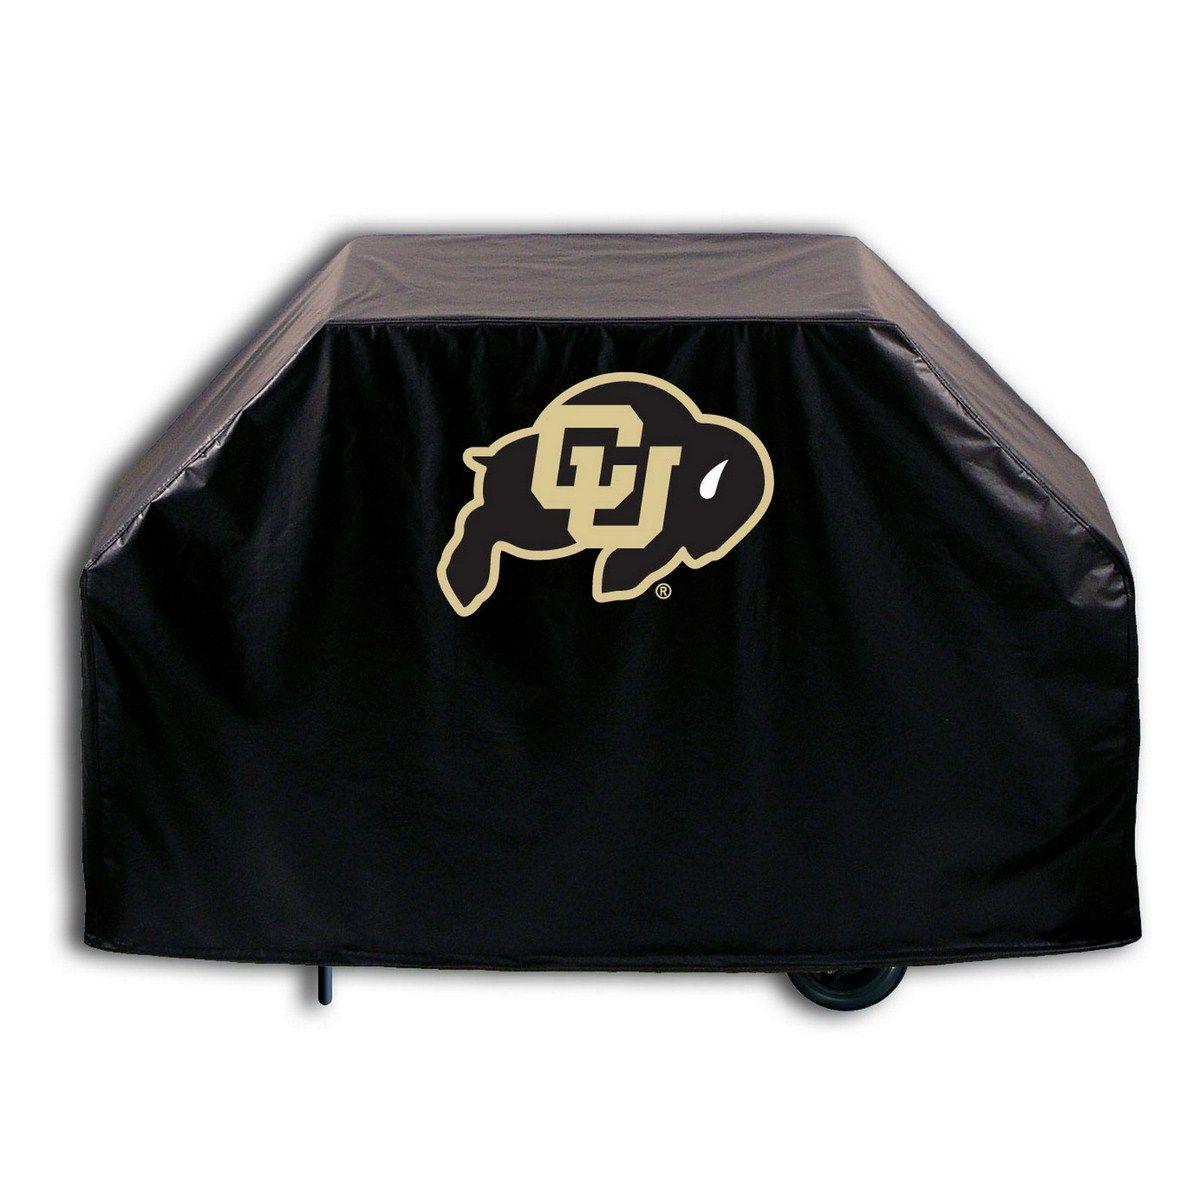 Colorado Golden Buffaloes 72 Holland bar stool, Grill